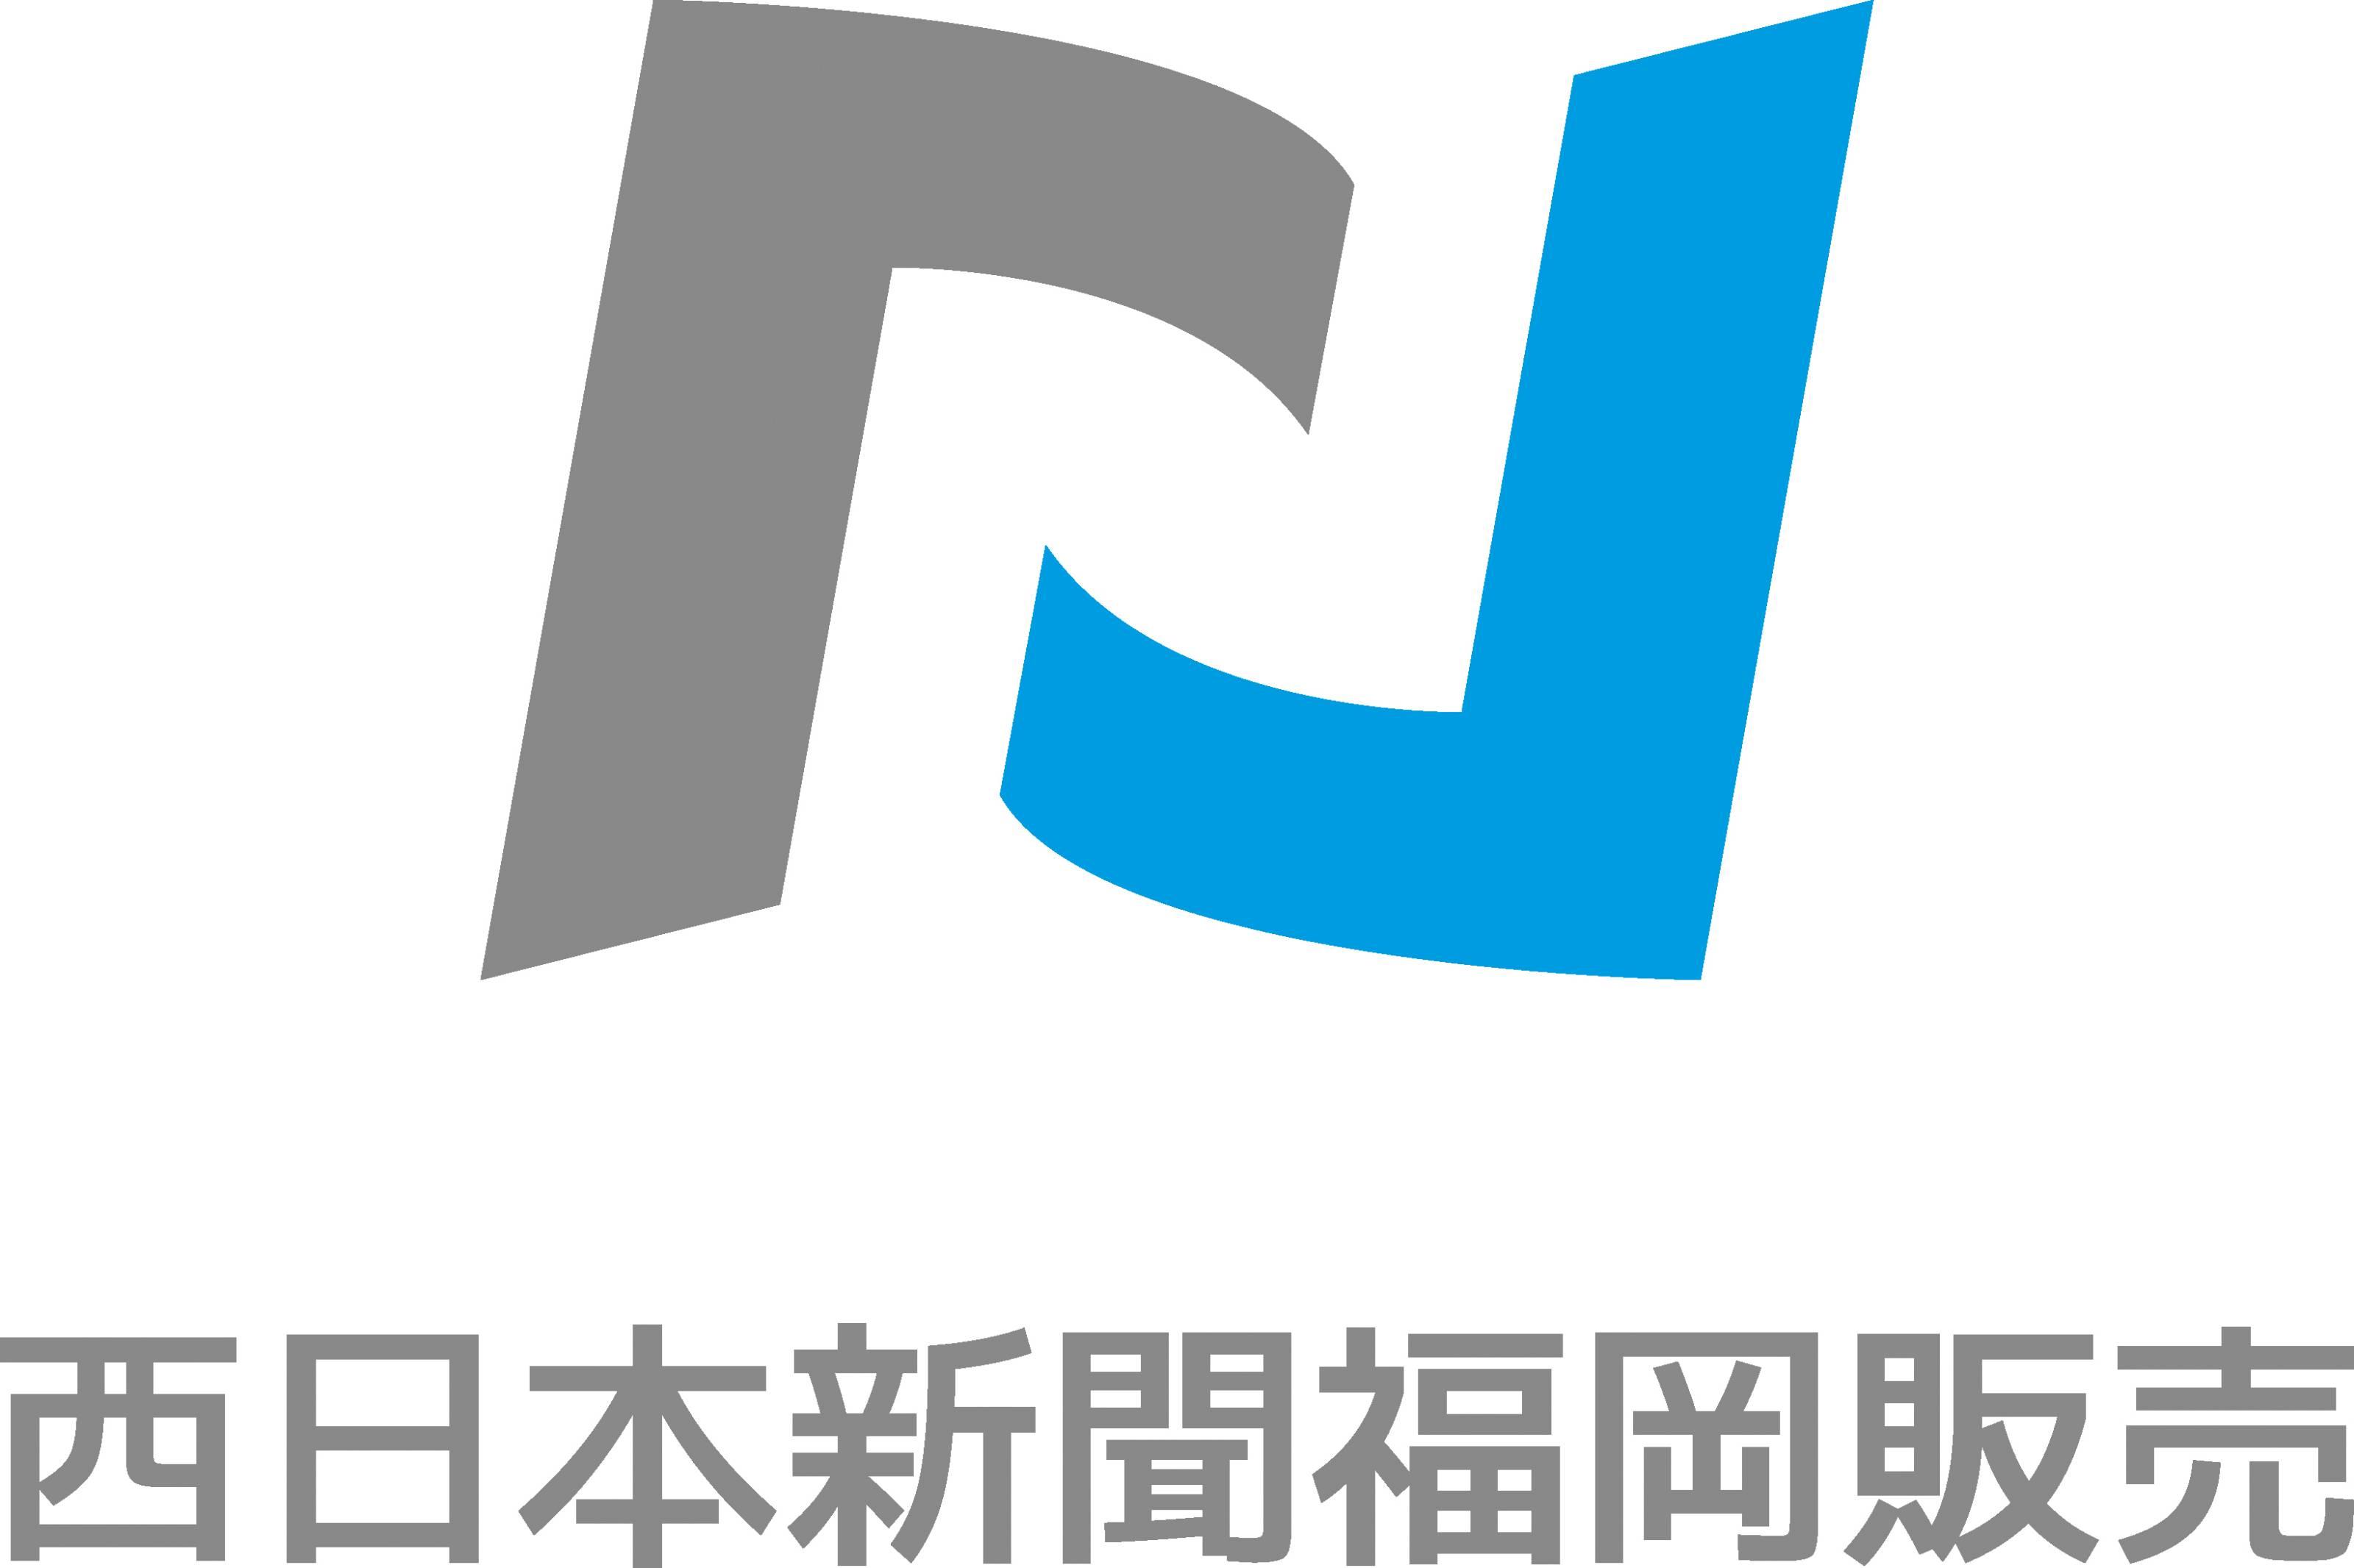 株式会社西日本新聞福岡販売